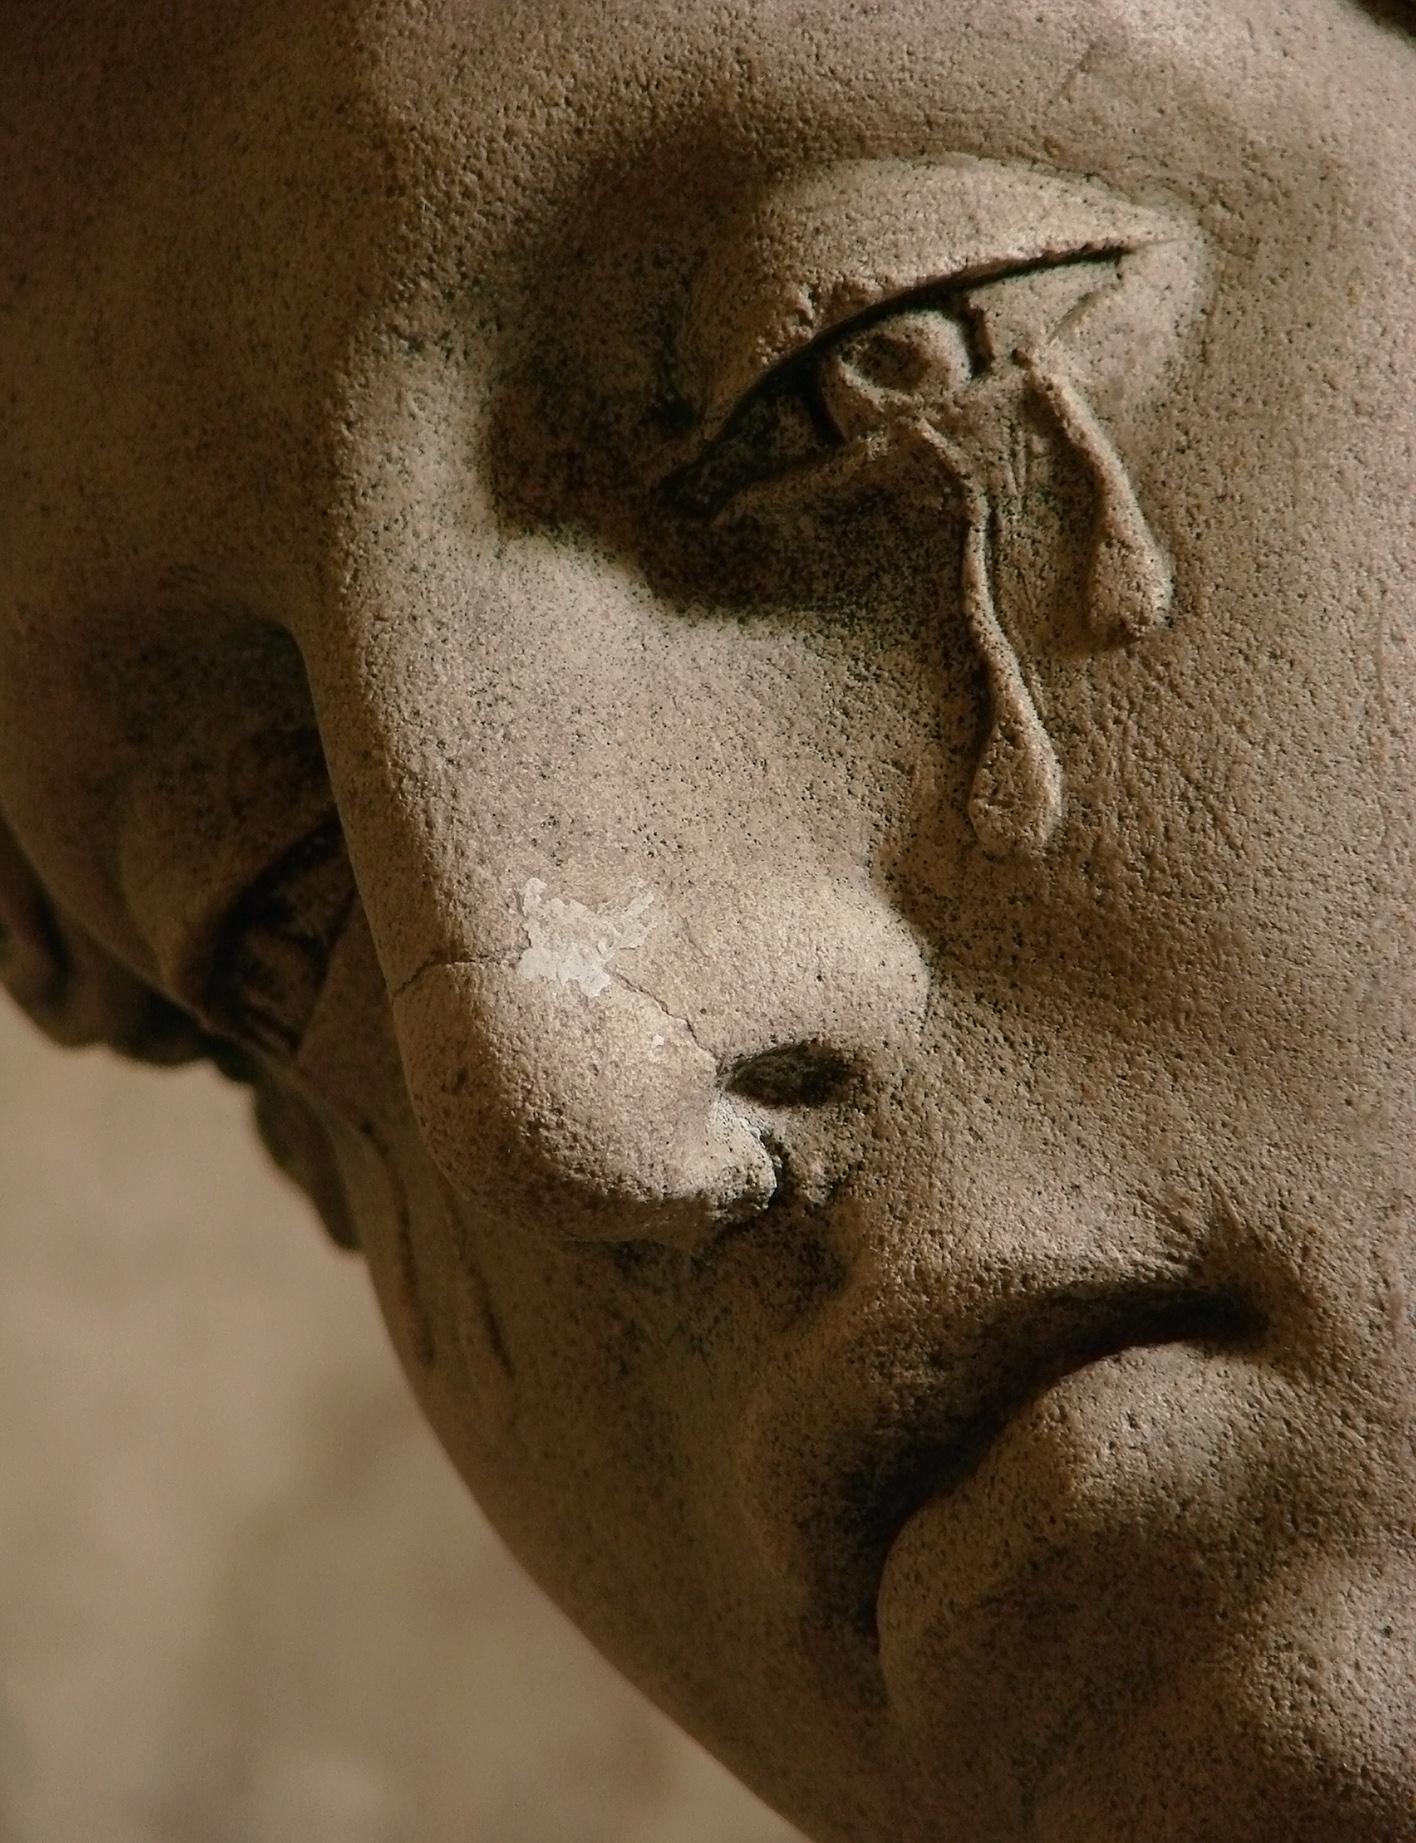 Sadness - Wikipedia